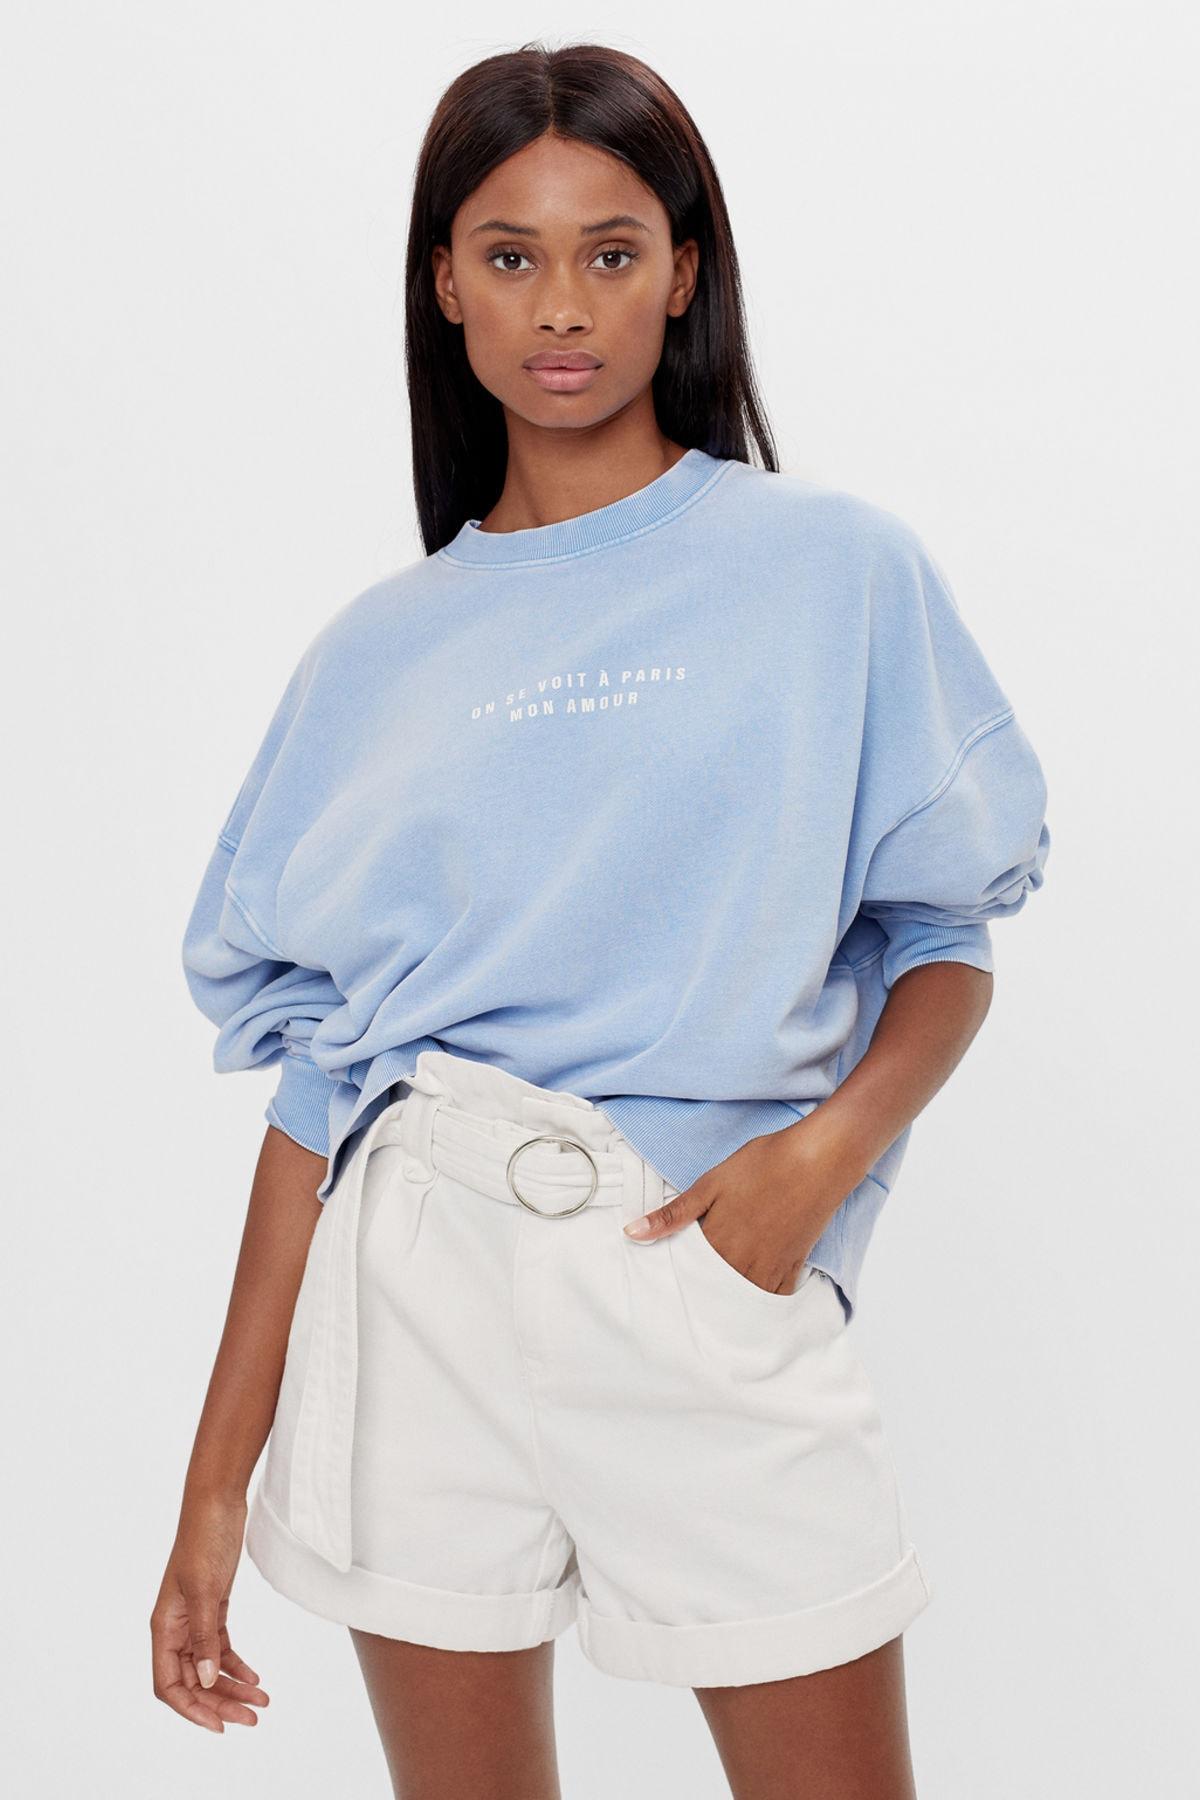 Bershka Kadın Açık Mavi İşlemeli Baskılı Sweatshirt 06844443 0